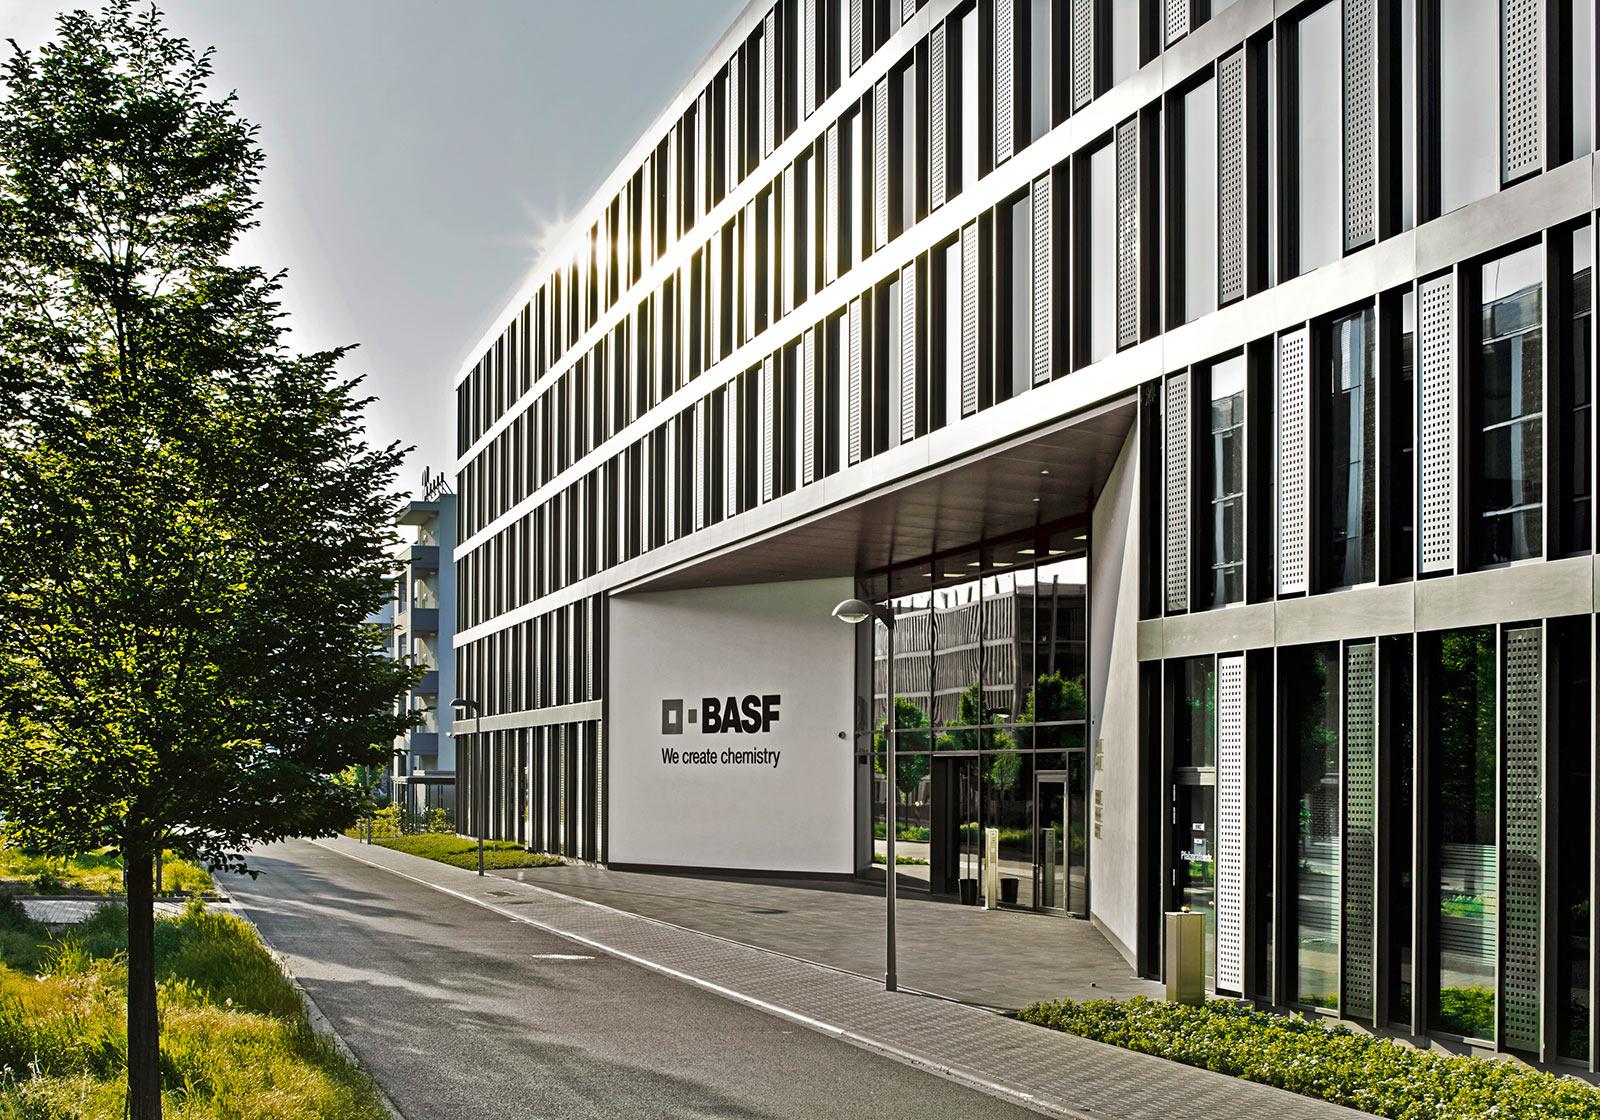 BASF Luwigshafen